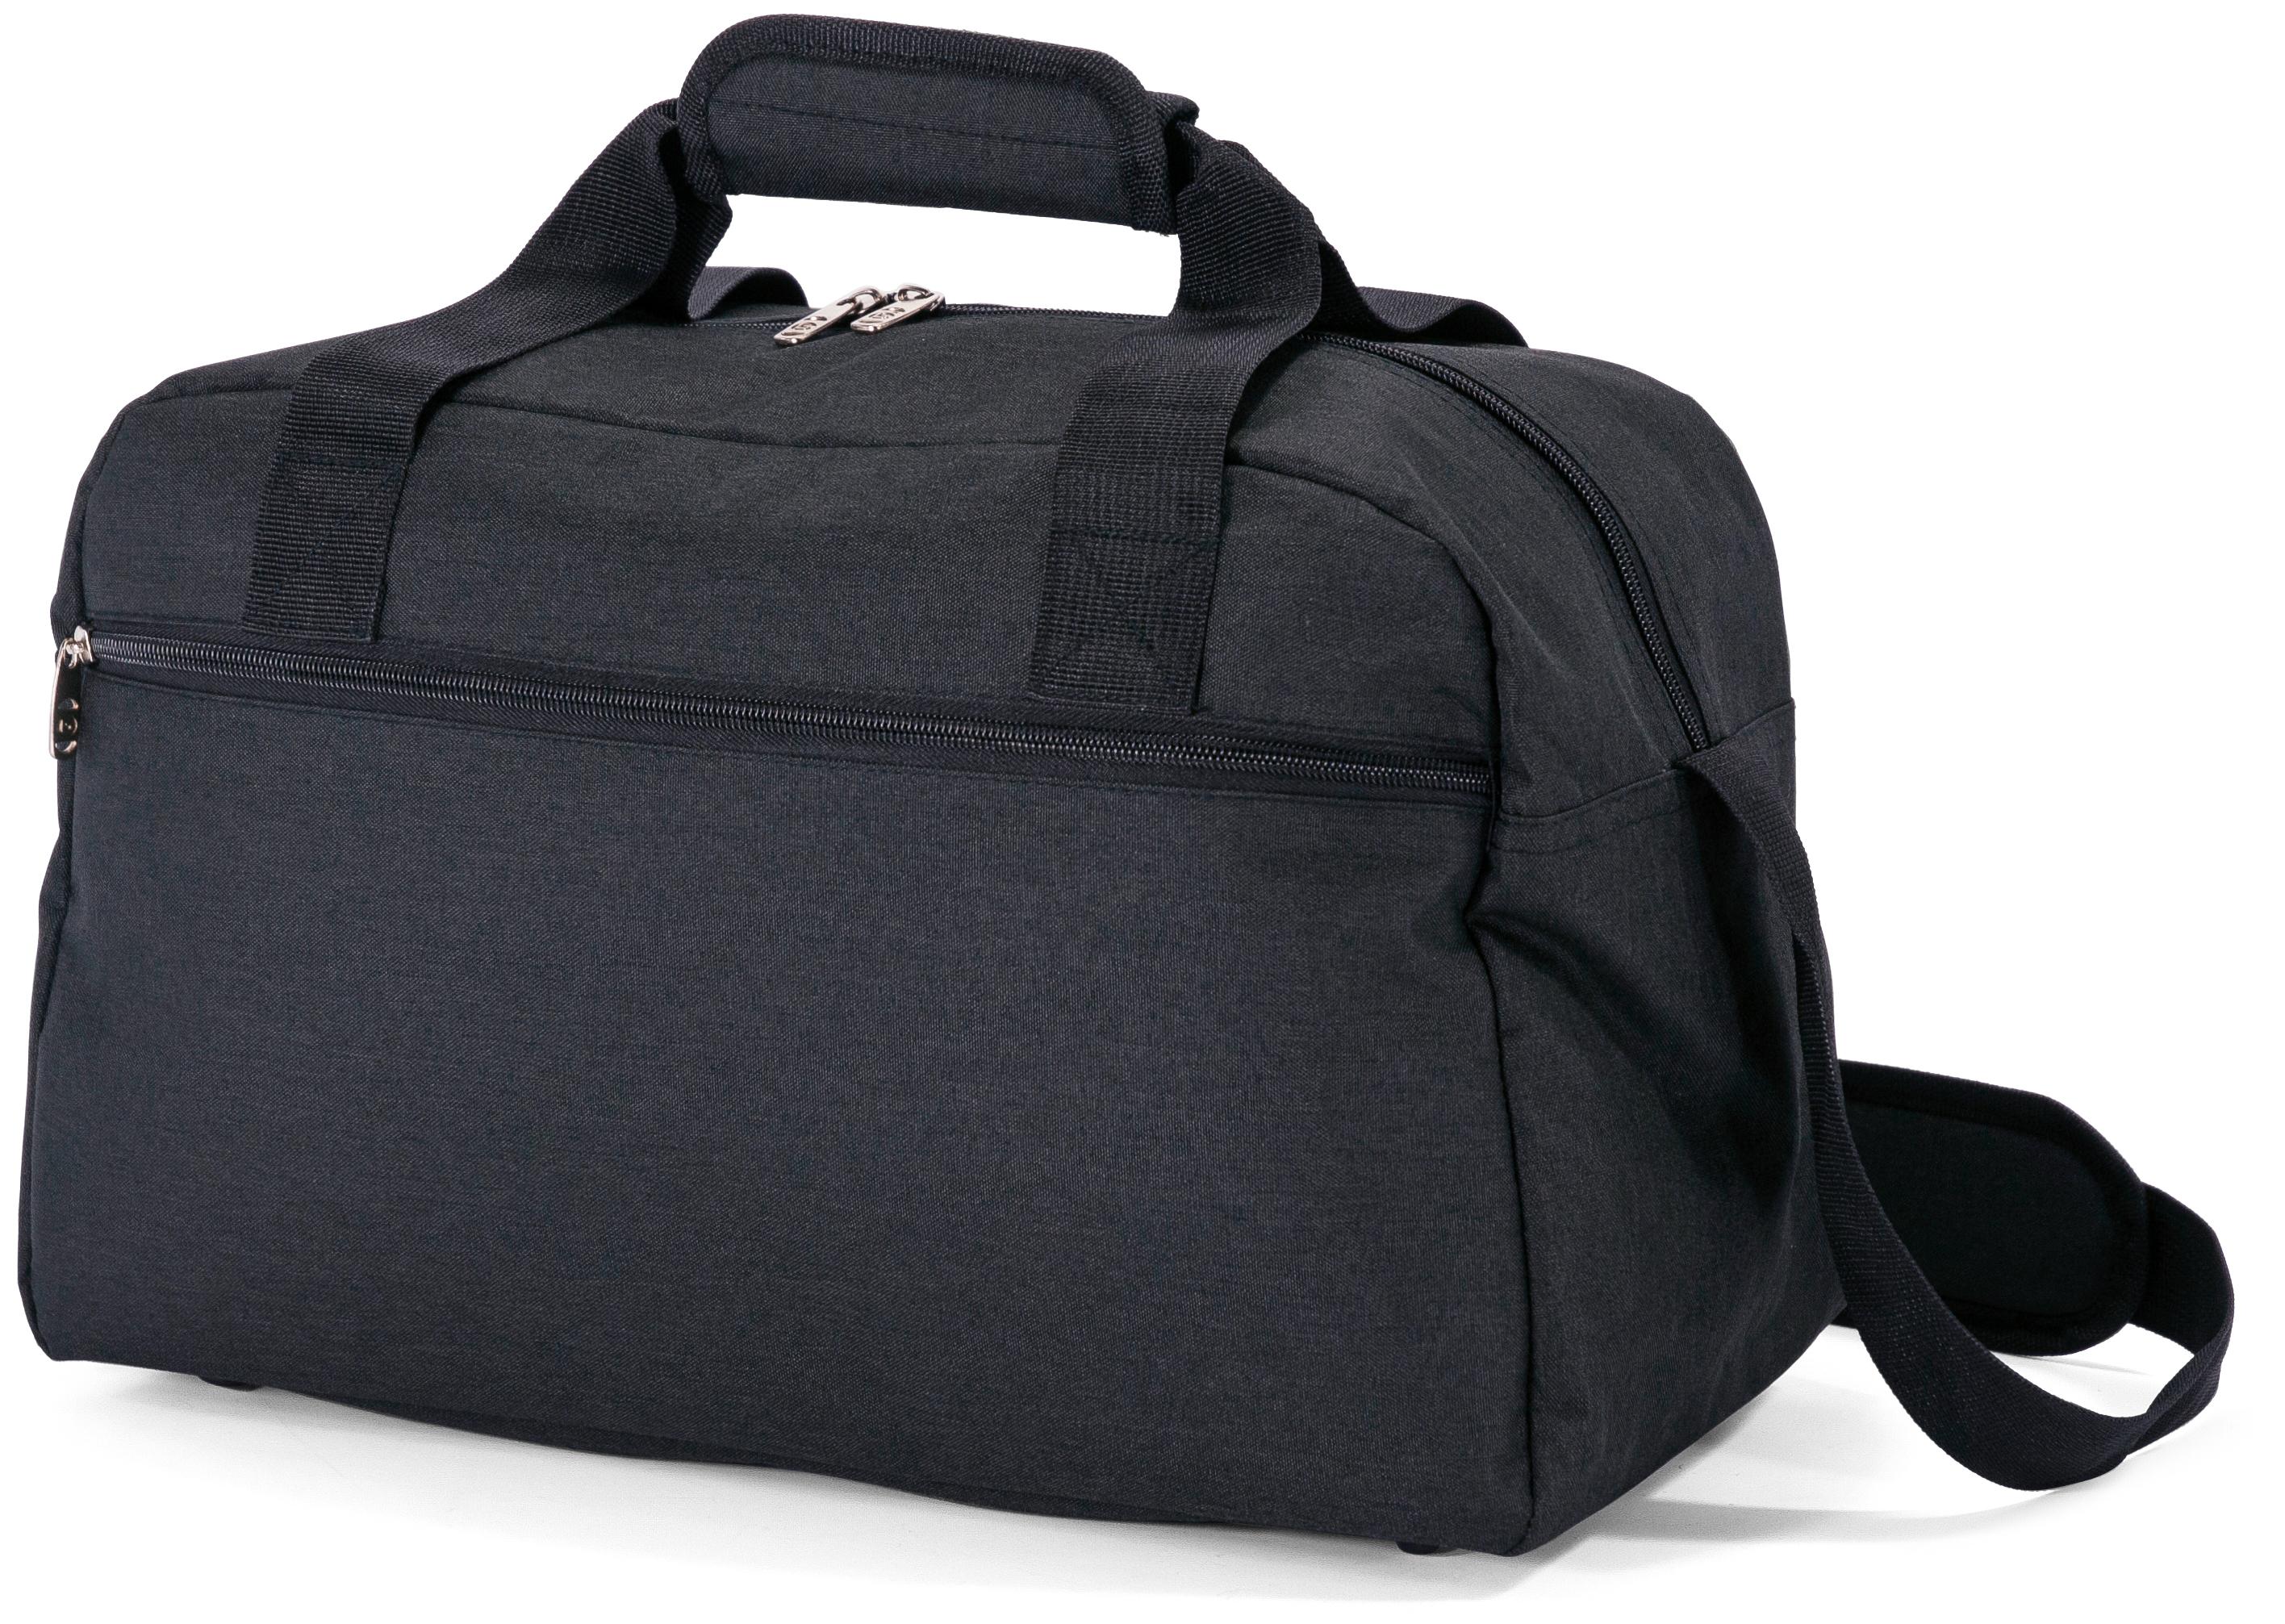 Σακ Βουαγιάζ Underseat Benzi BZ5528 (40x25x20cm) Μαύρο